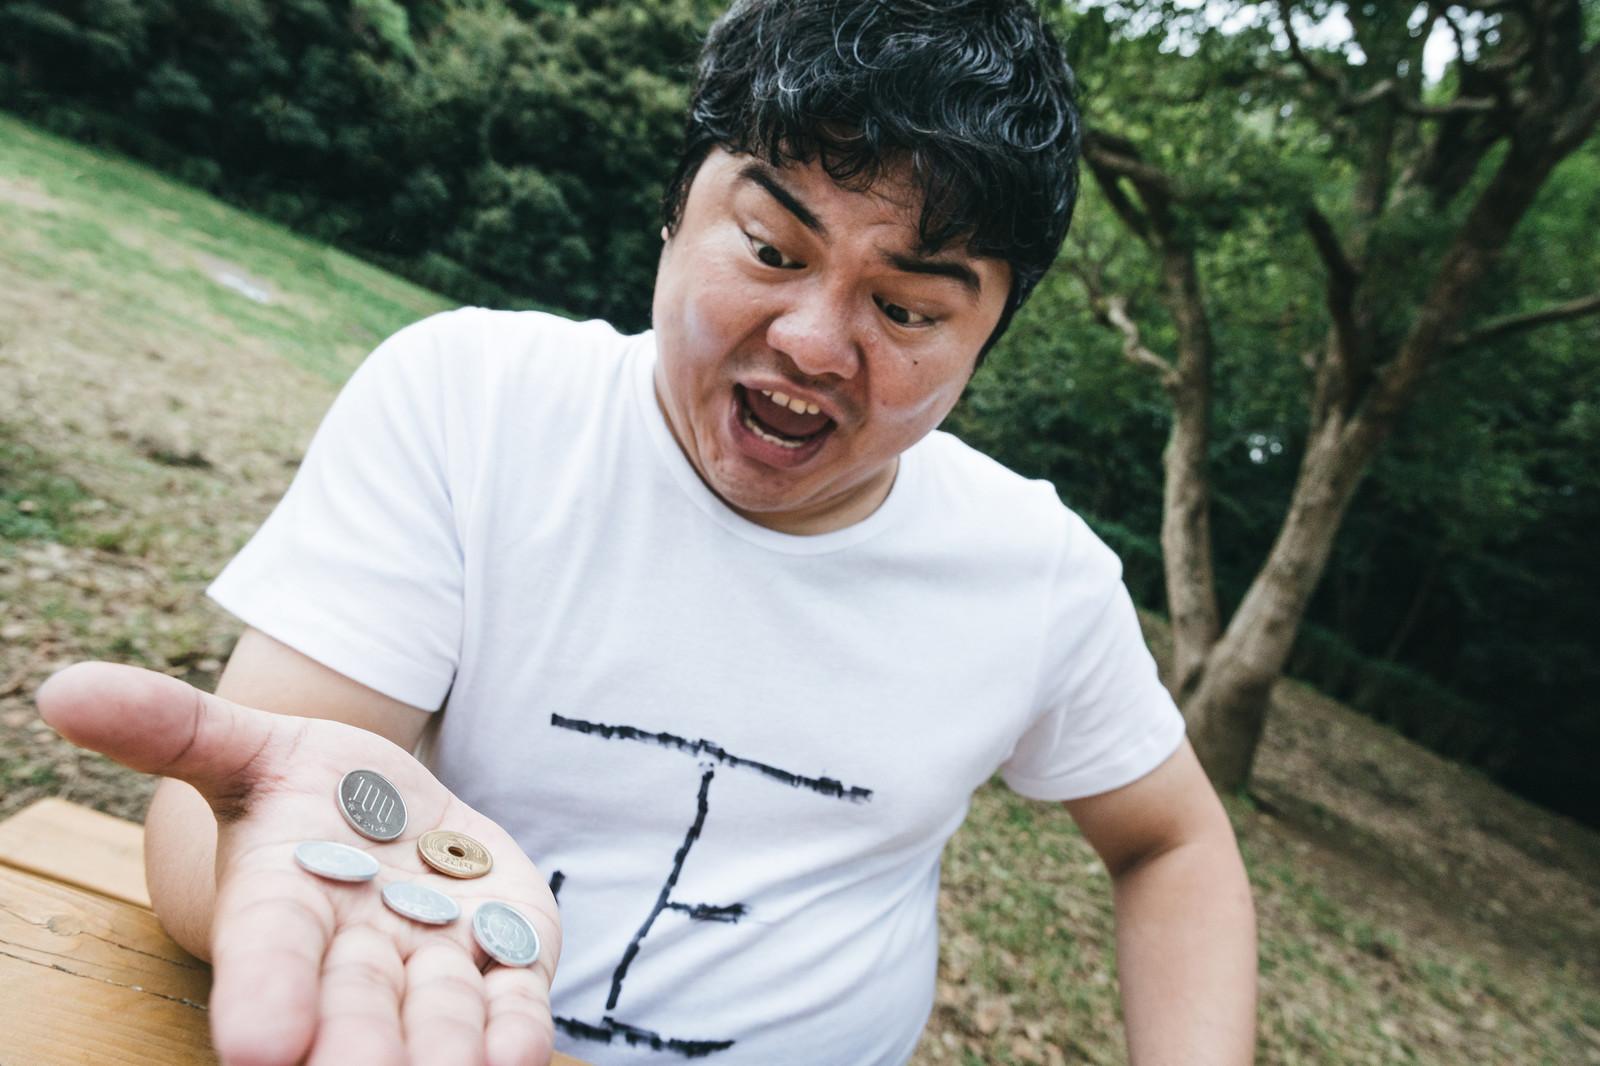 コインを持つ男性